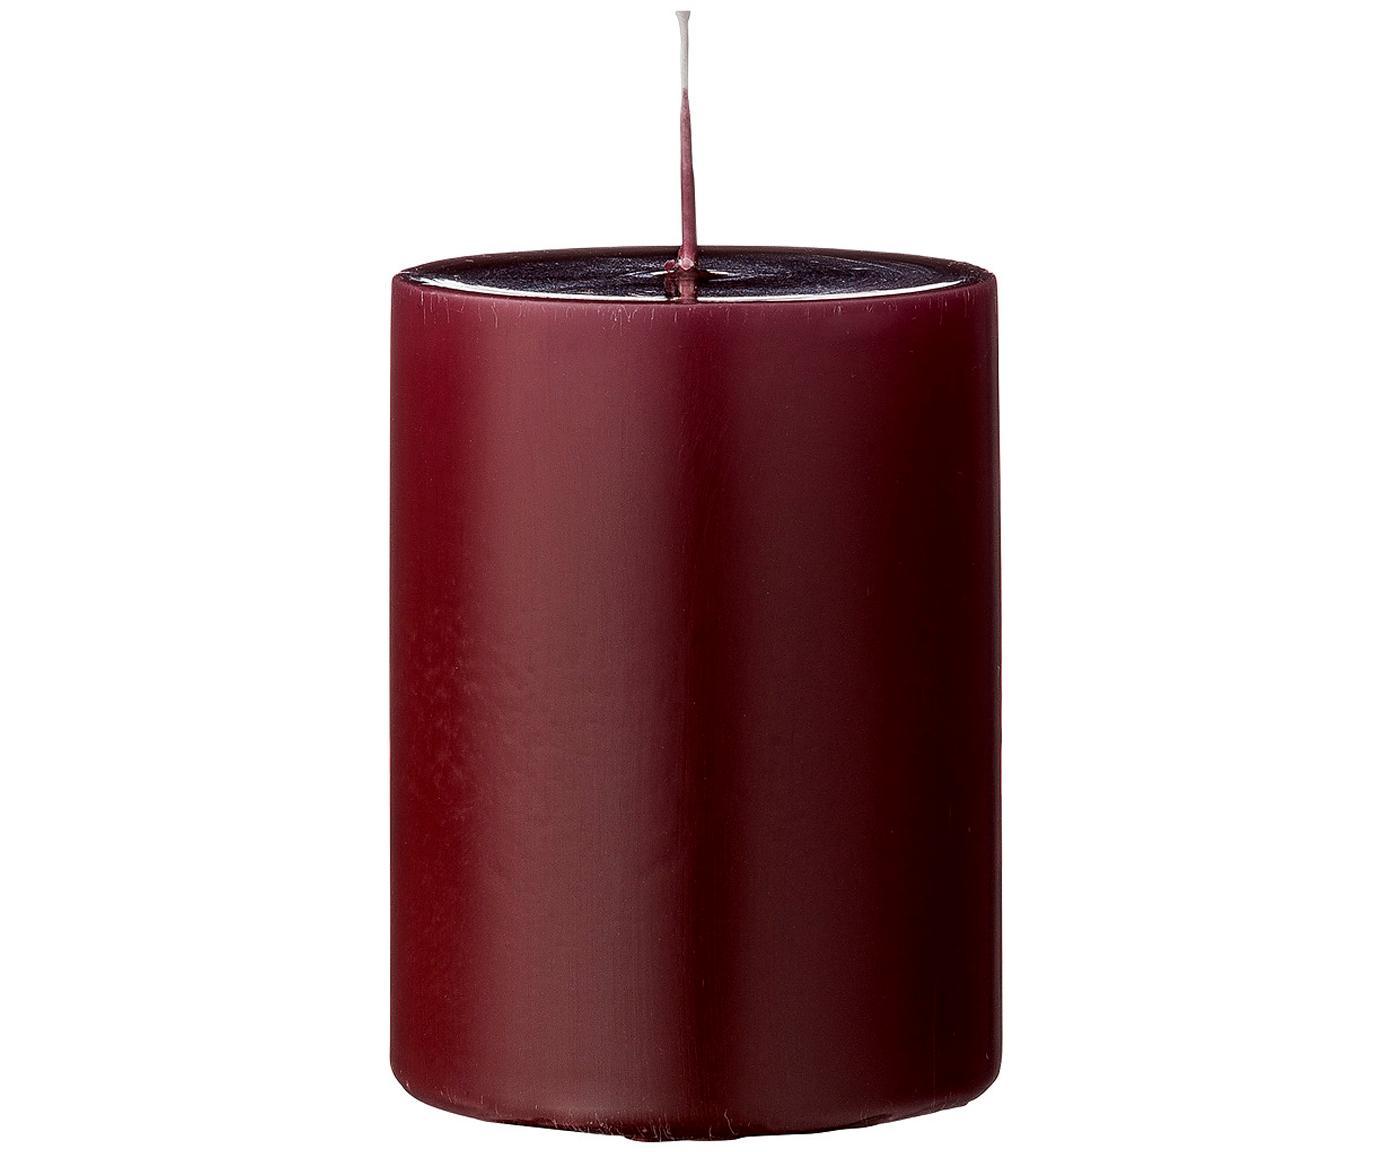 Stumpenkerzen Lulu, 4 Stück, Wachs, Rot, Ø 7 x H 10 cm